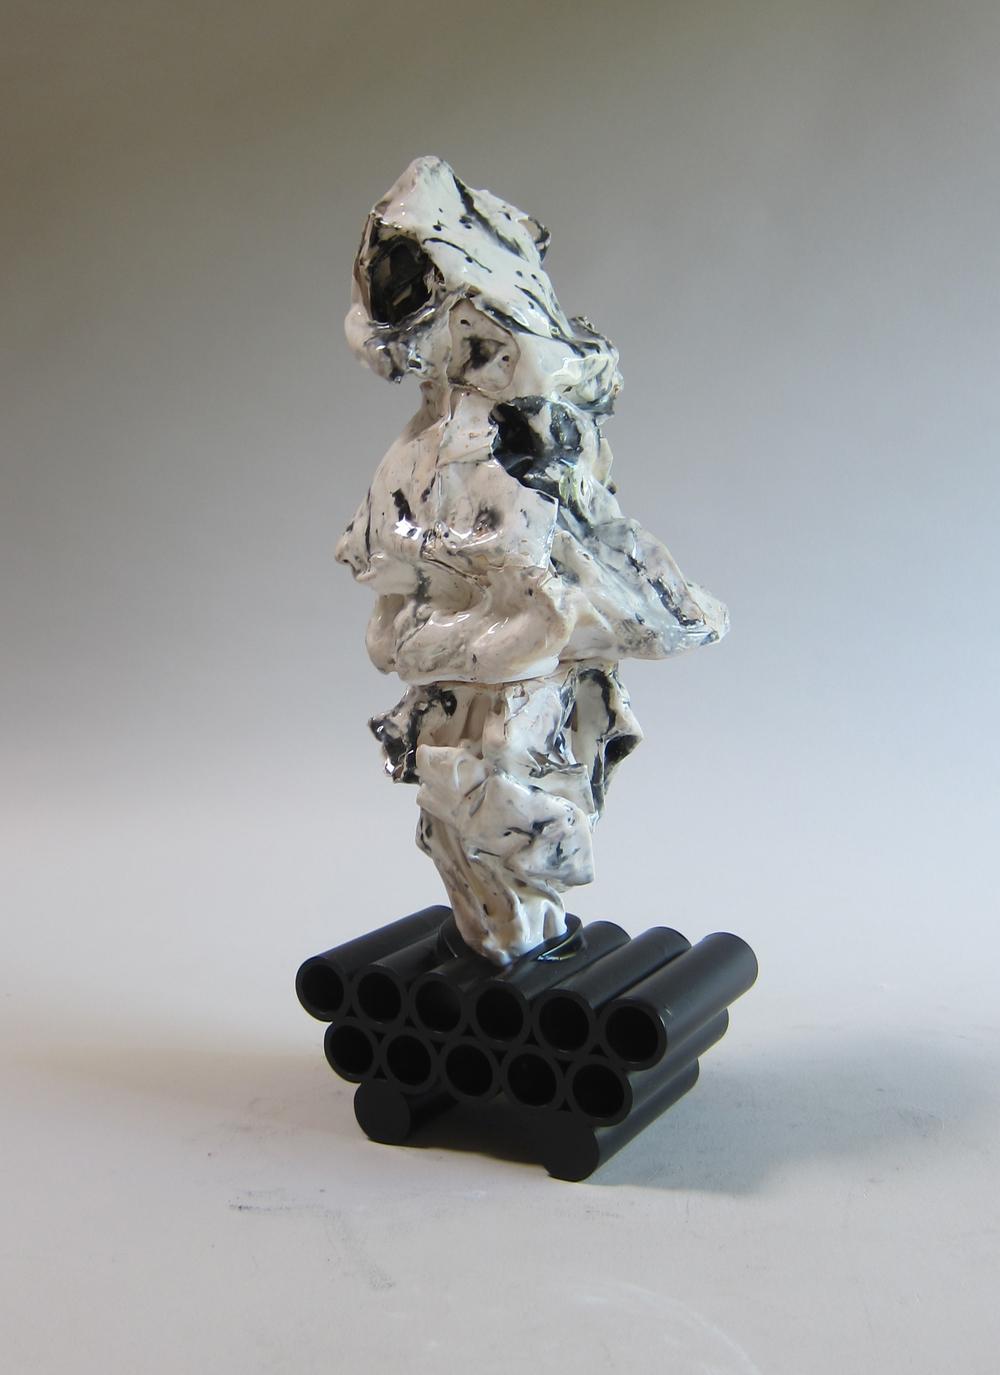 Ceramic, PVC